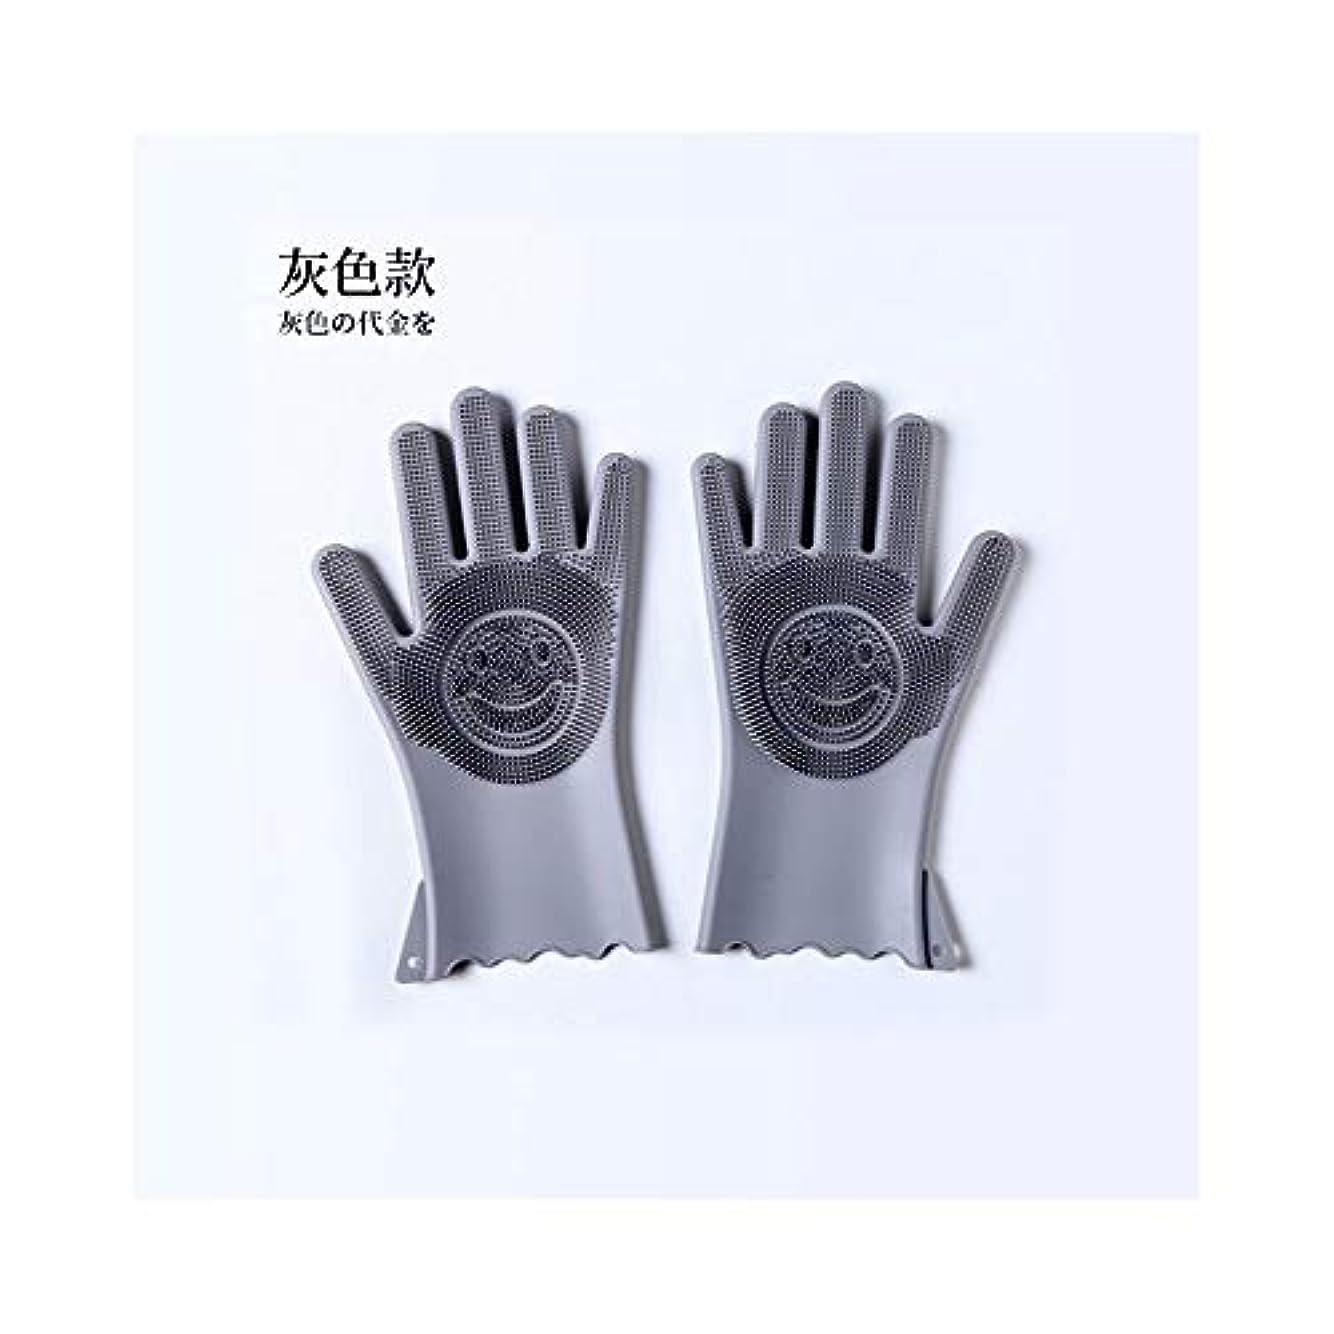 裕福なパース採用するニトリルゴム手袋 作業用手袋防水厚くて丈夫なシリコーン多機能キッチン家庭用手袋 使い捨て手袋 (Color : Gray, Size : M)